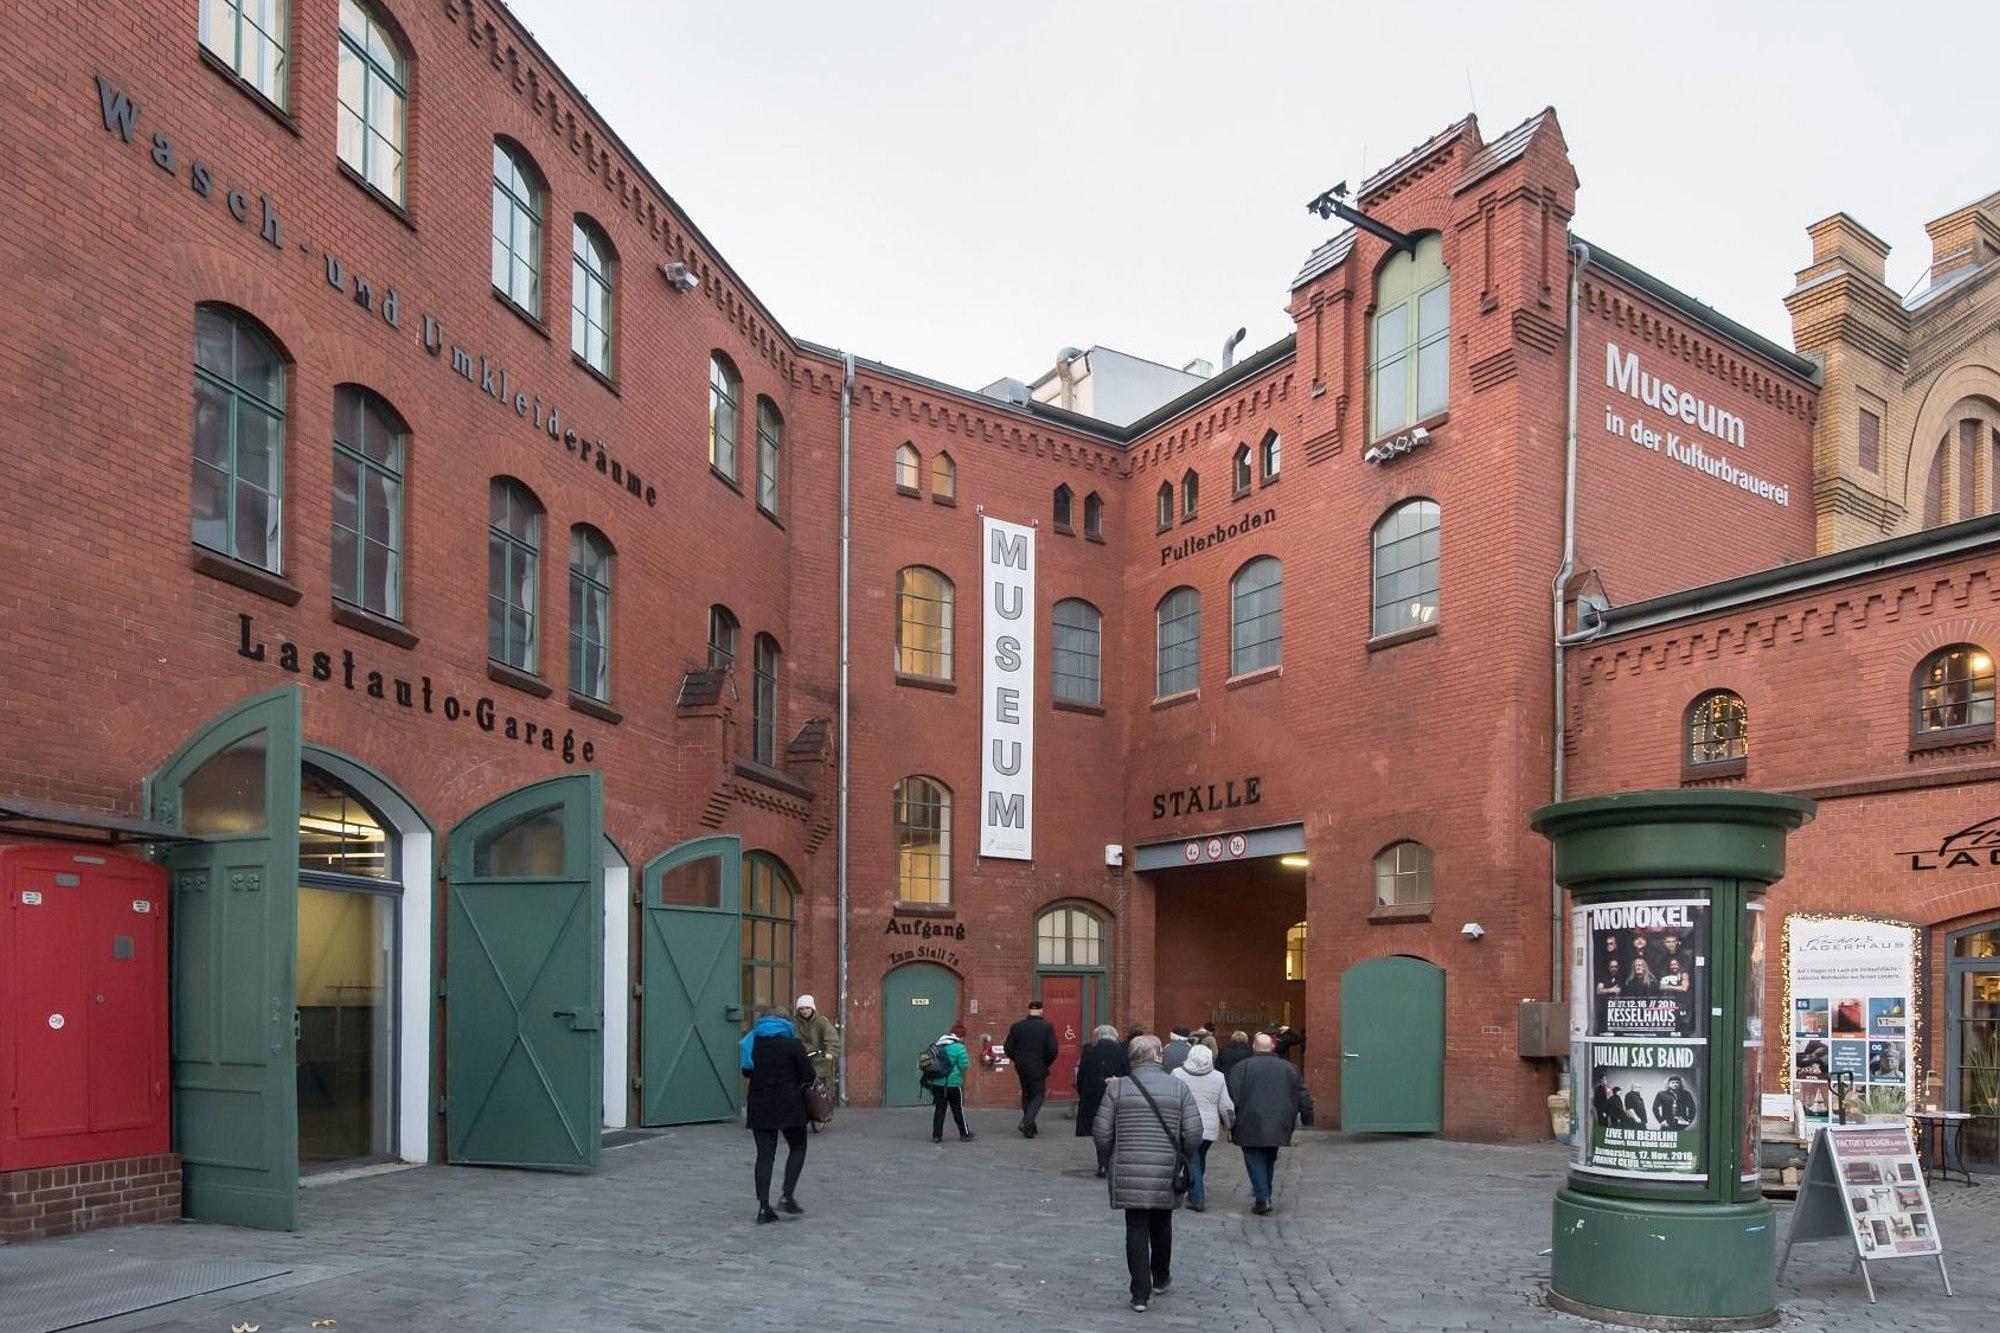 Das Museum in der Kulturbrauerei vom Innenhof aus gesehen